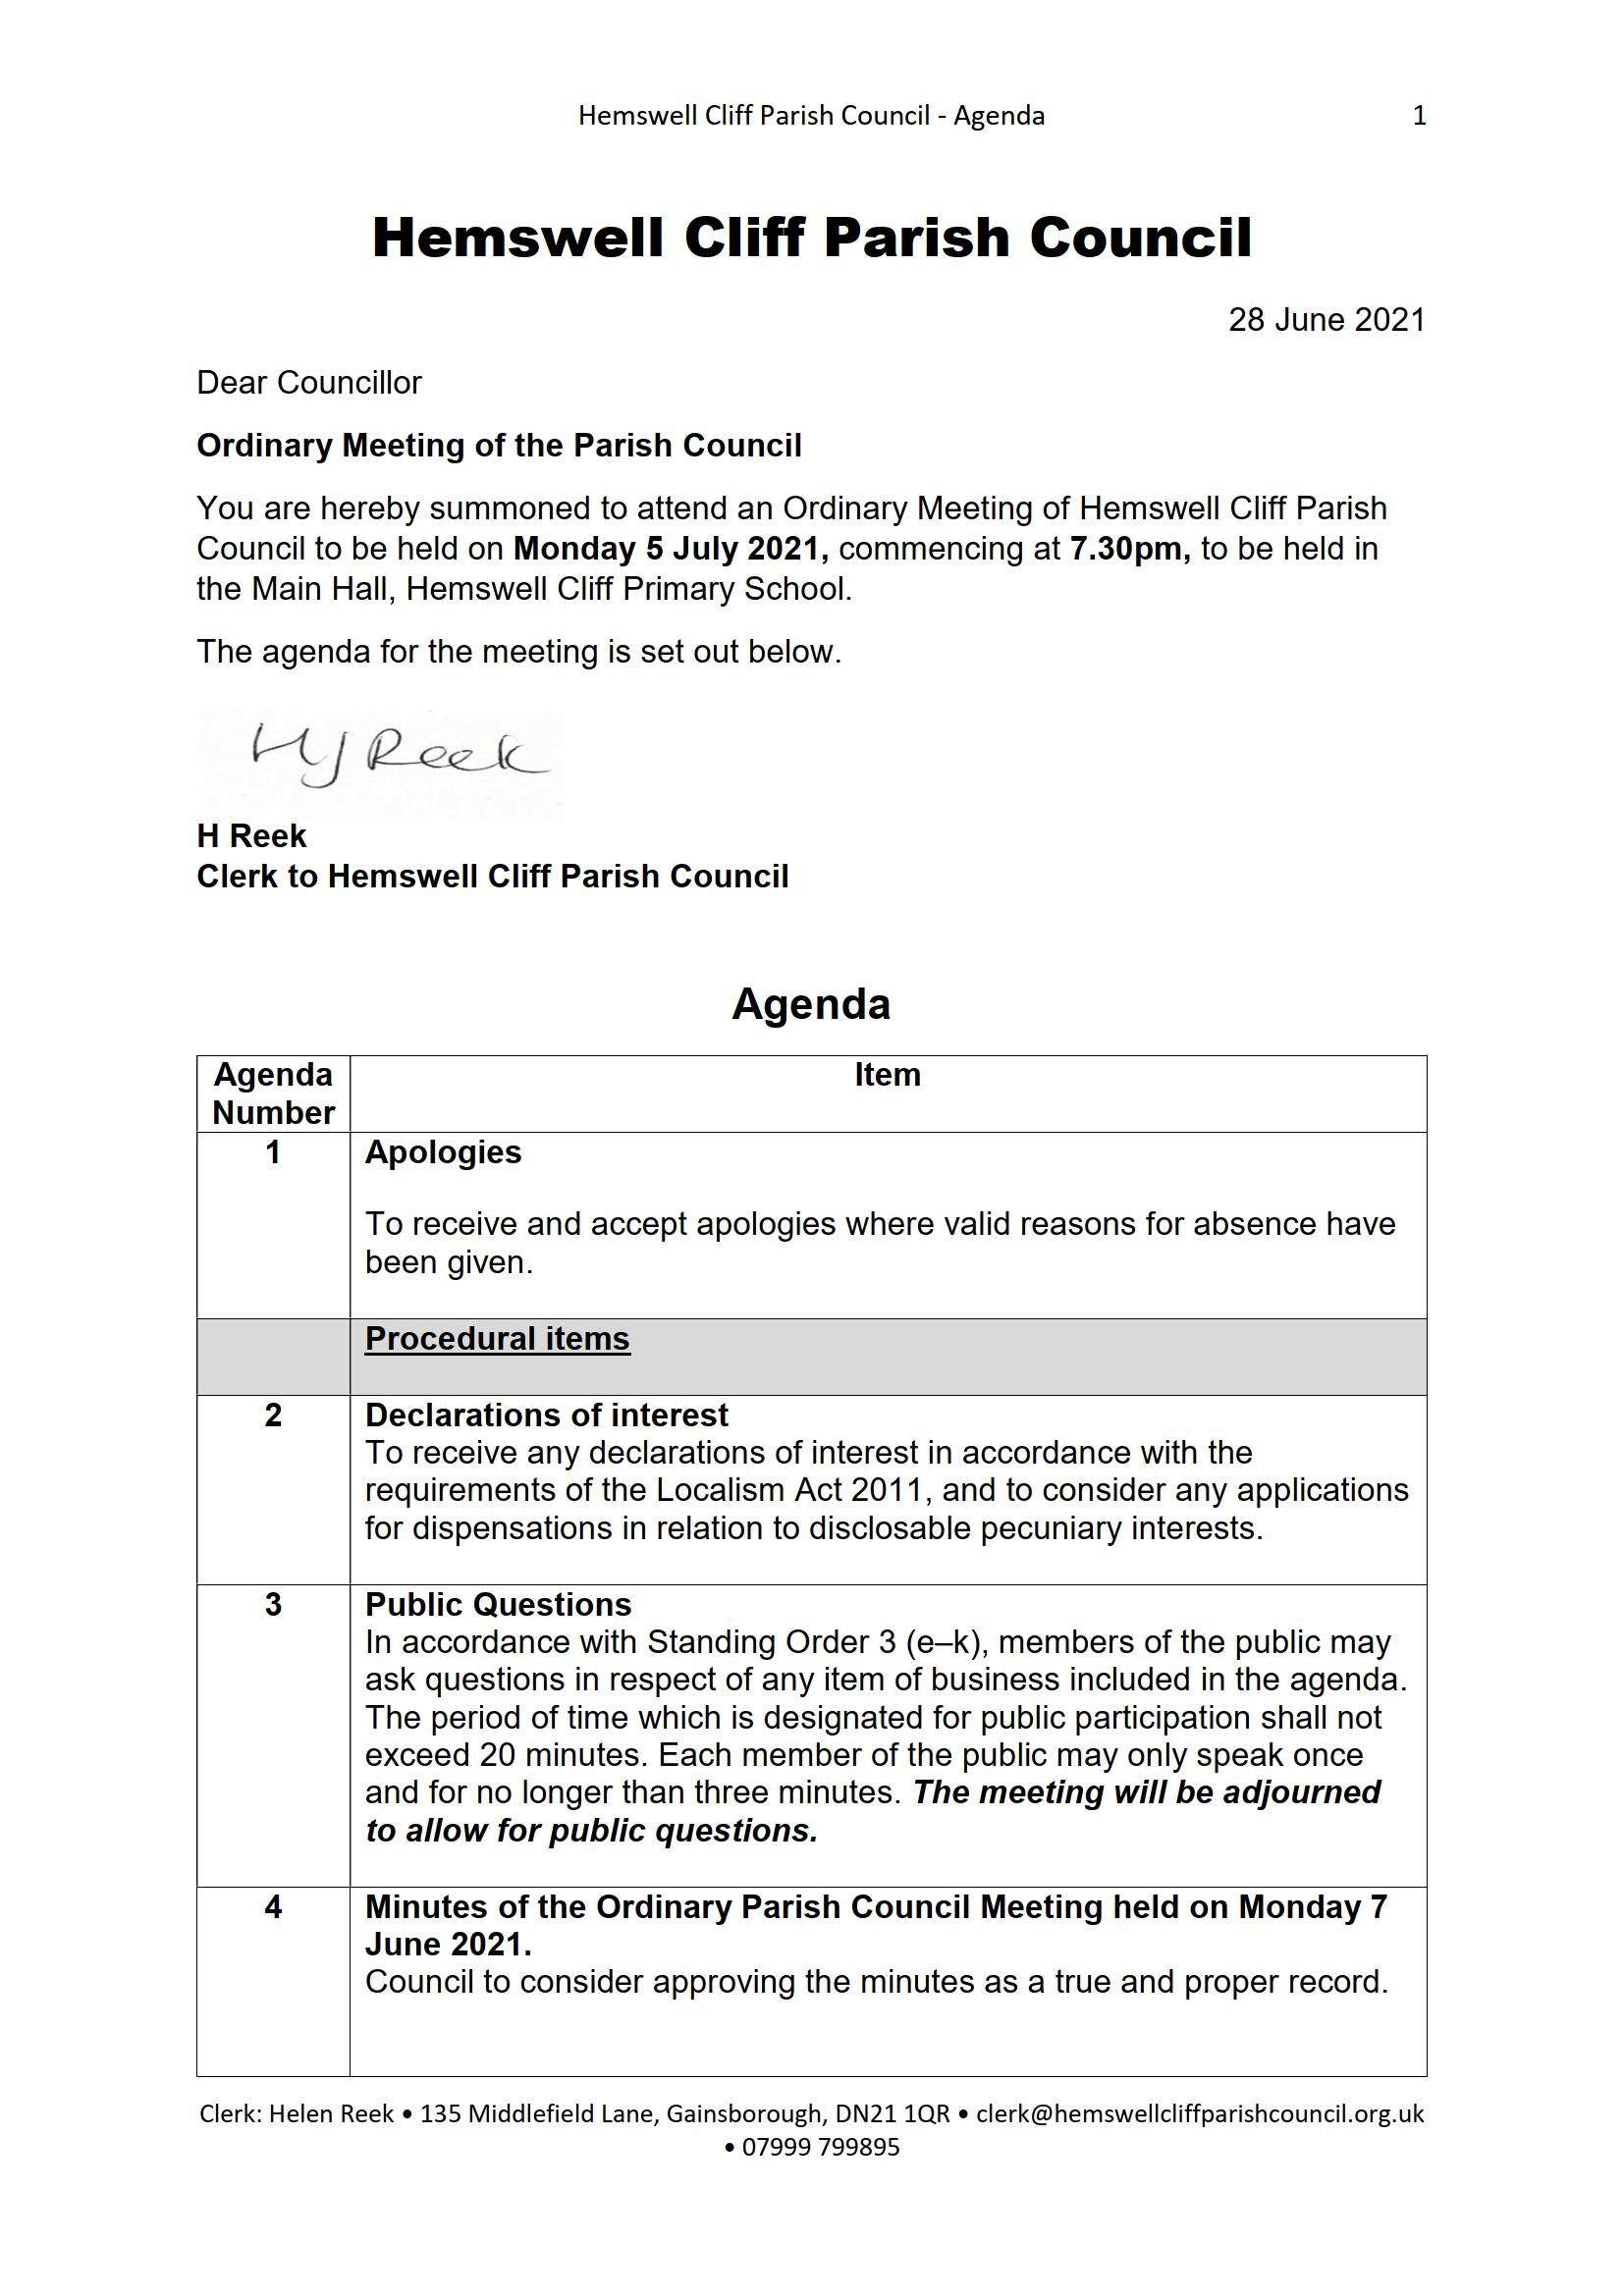 HCPC_Agenda_05.07.21_1.png